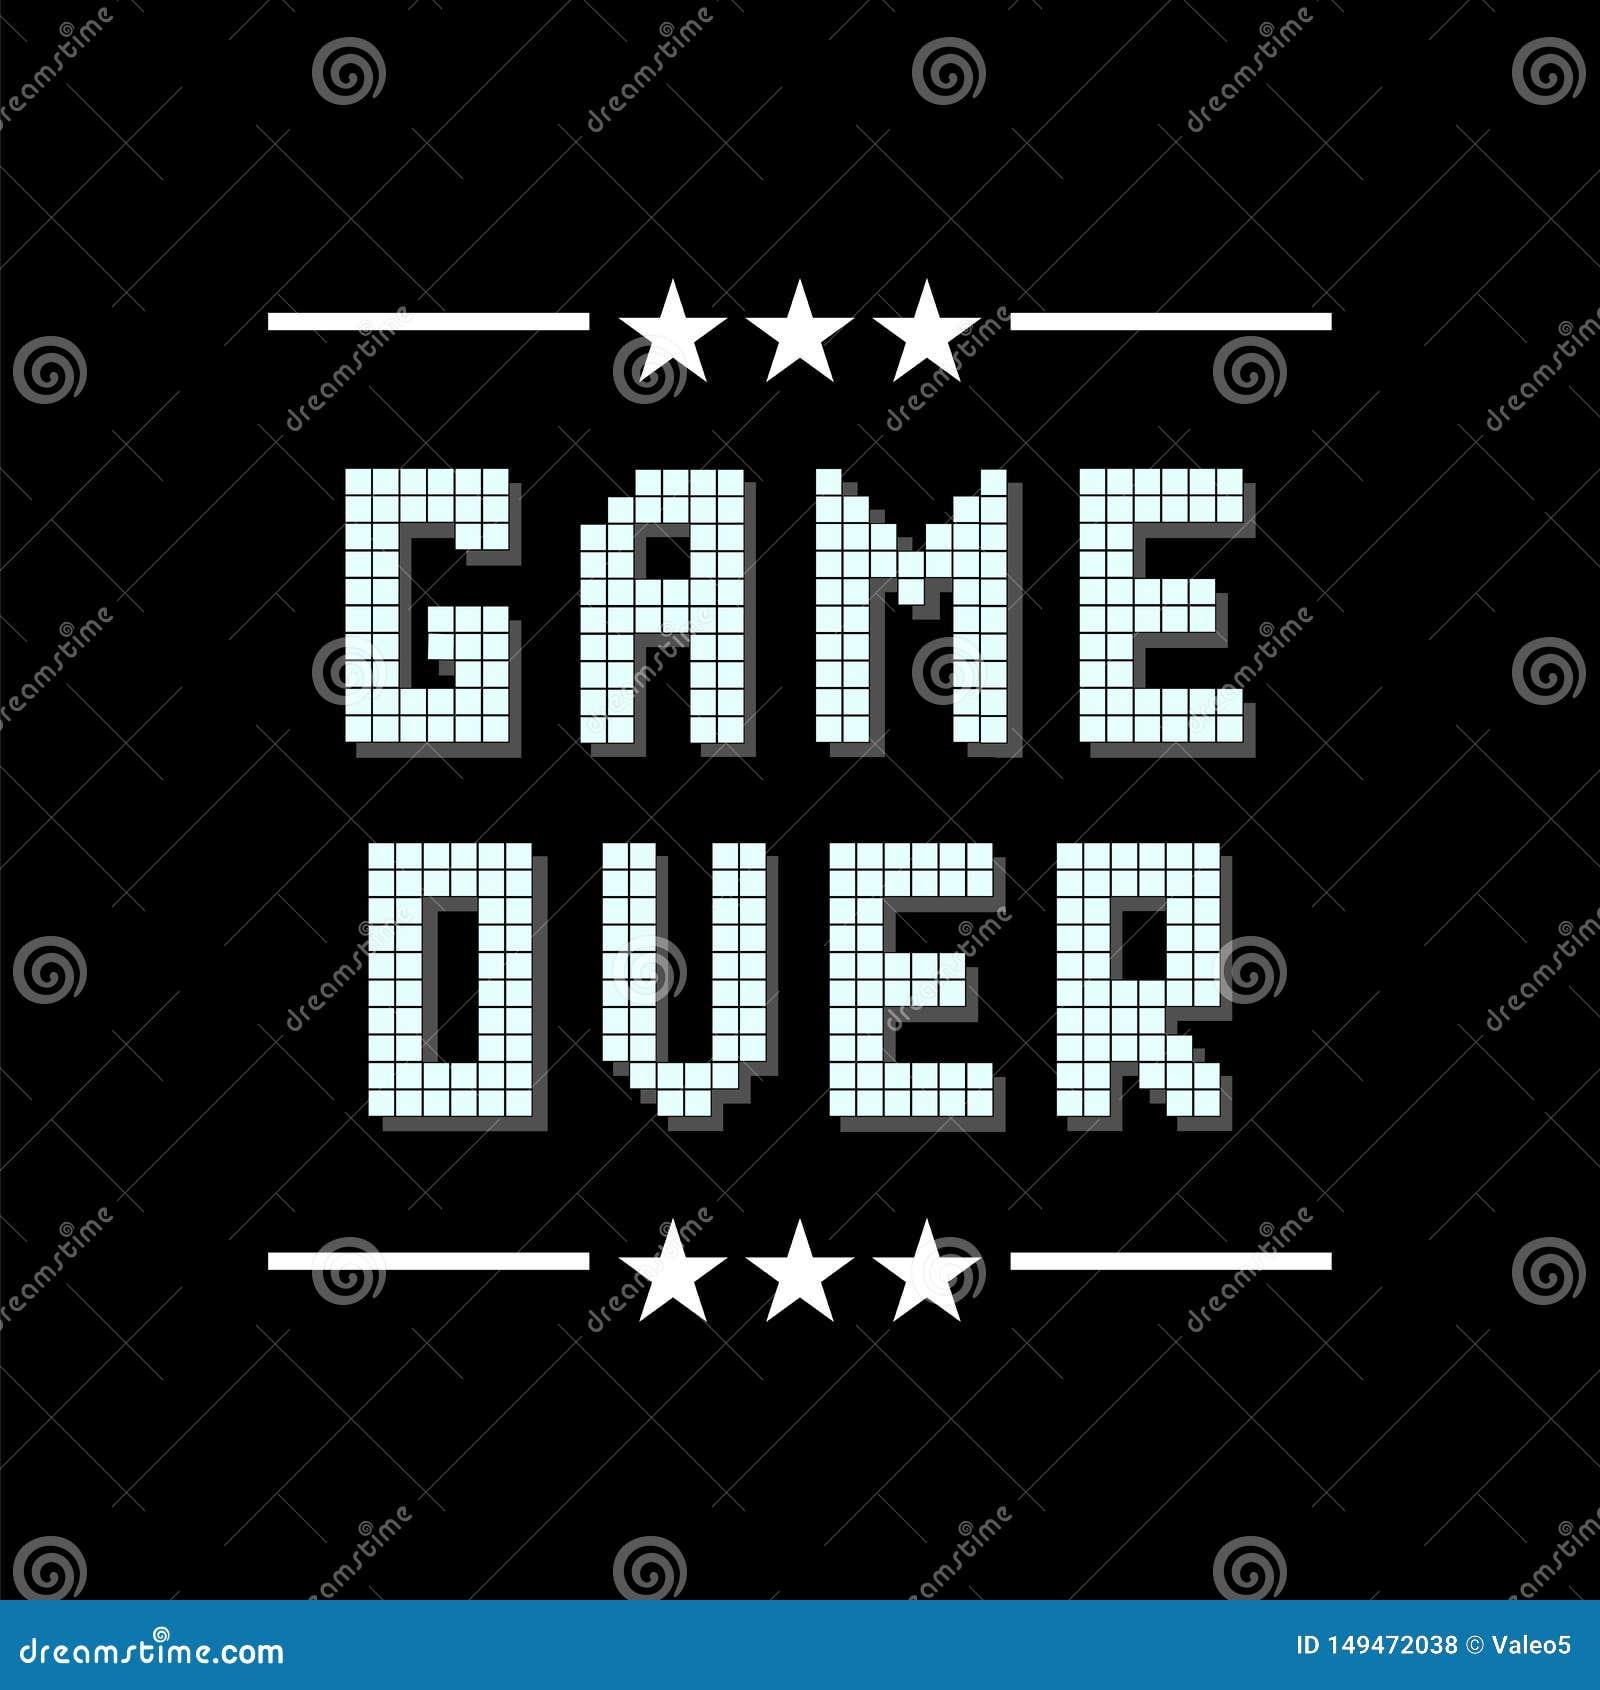 Jogo retro do pixel sobre o sinal com as estrelas no fundo preto Conceito do jogo Tela do jogo de v?deo